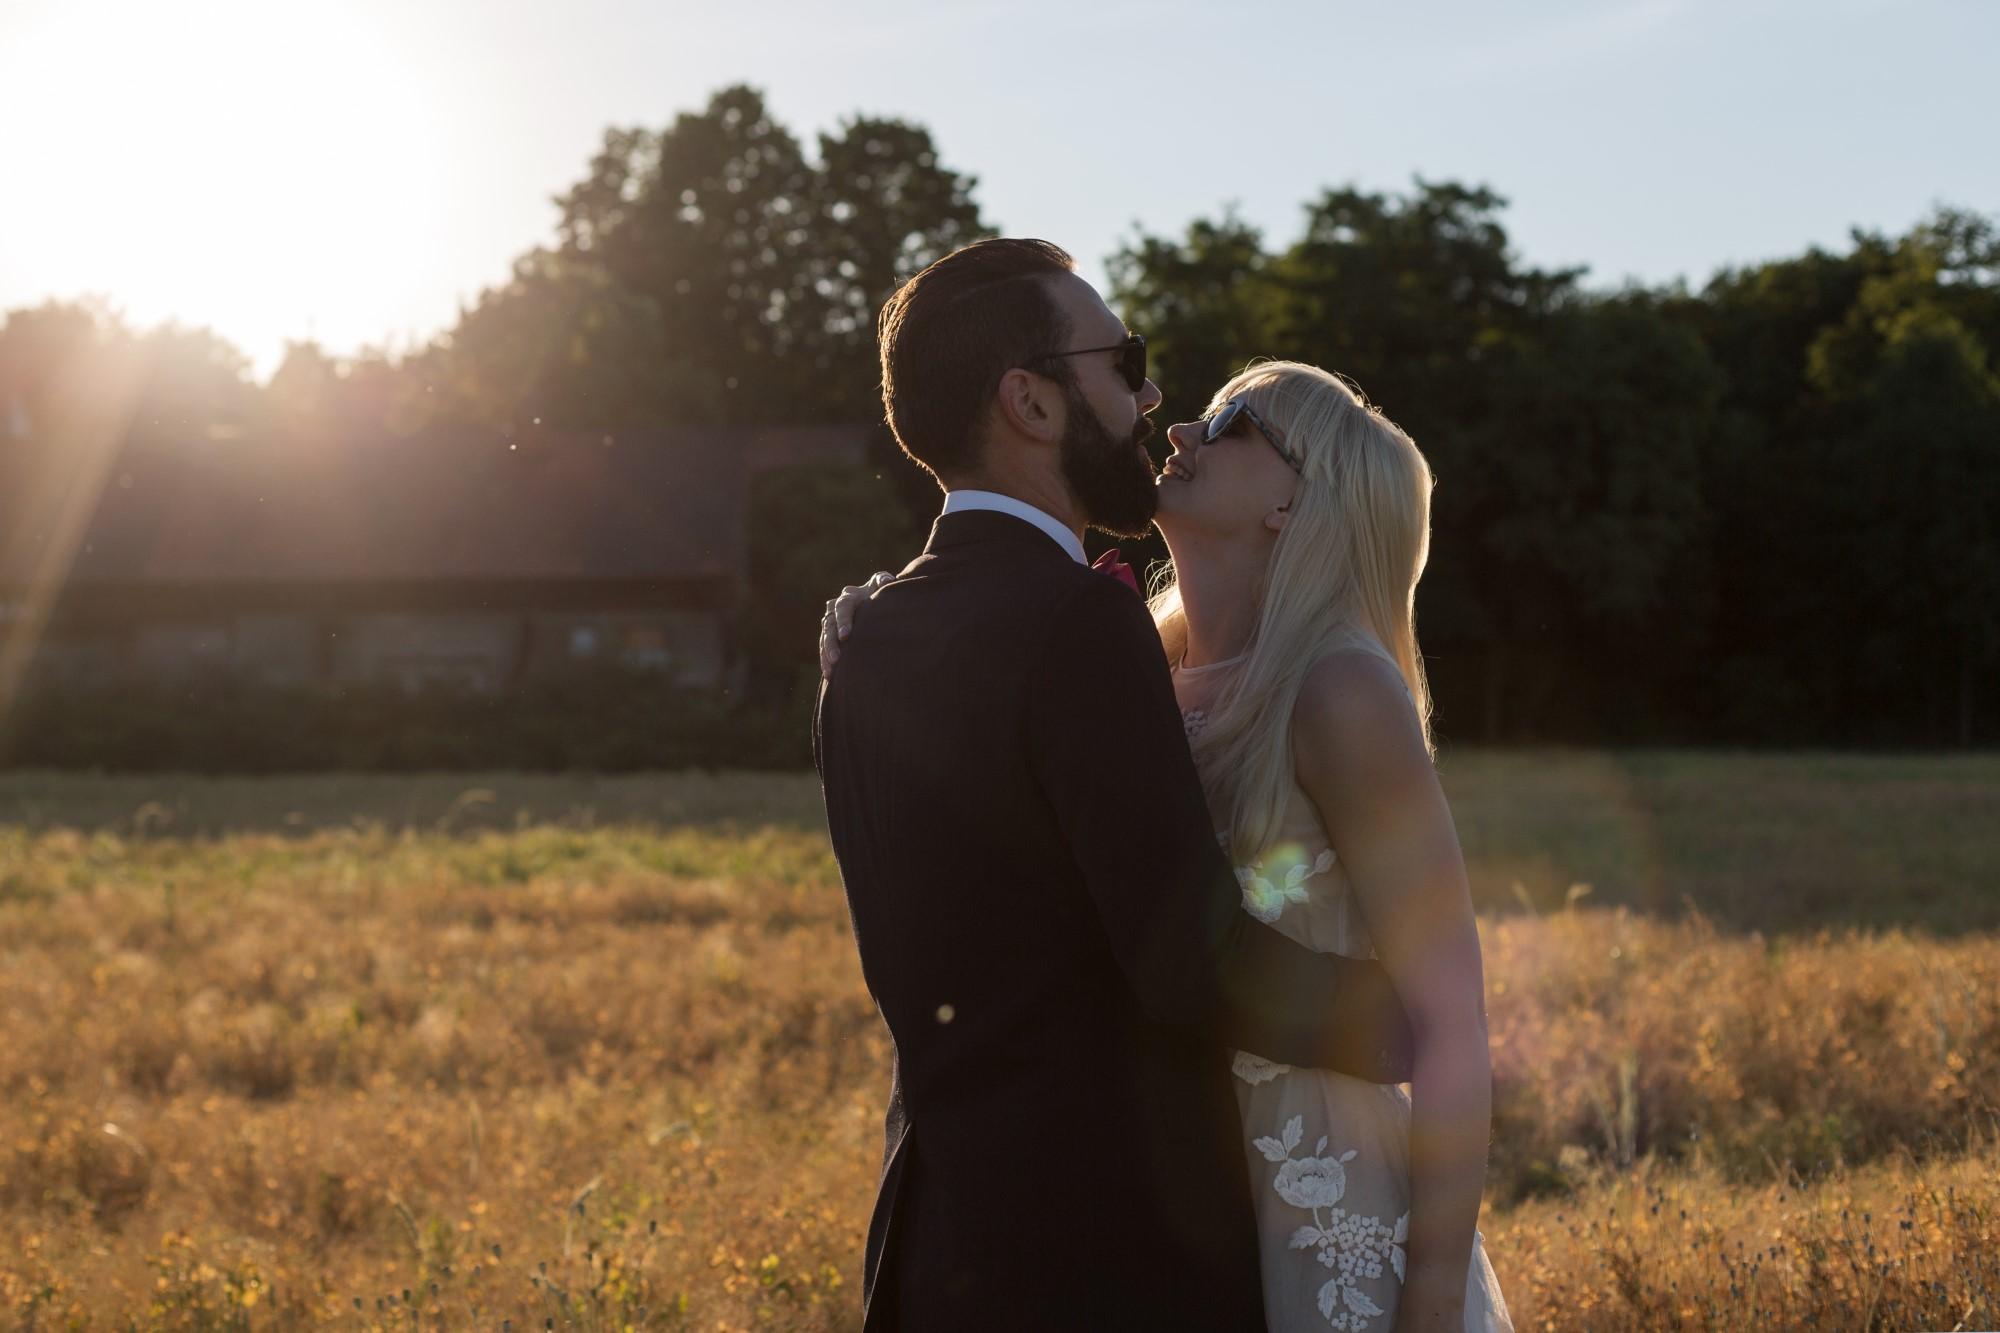 Romantisches Fotoshooting mit einem bezaubernden Paar